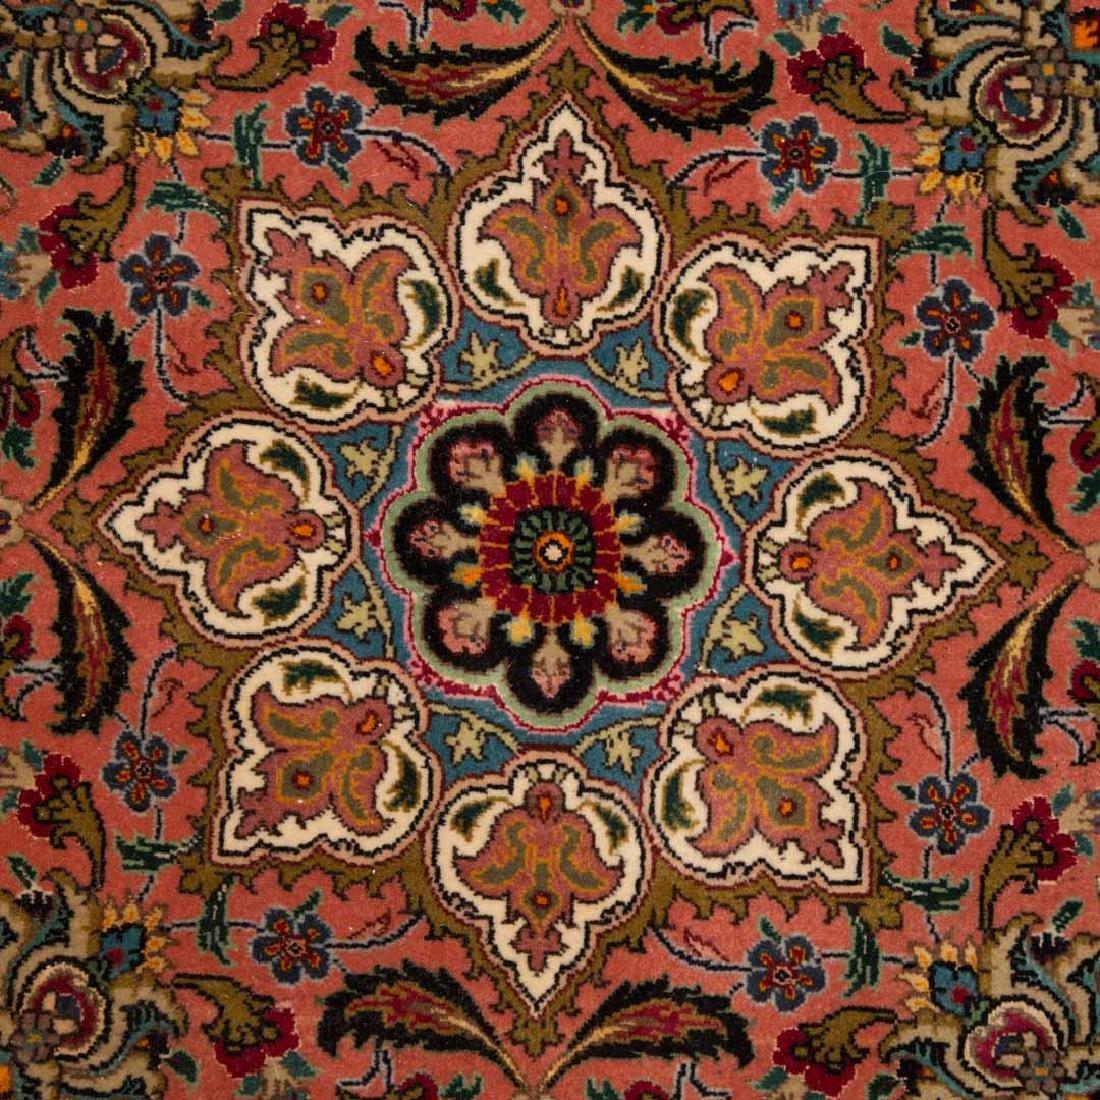 Fine Persian Tabriz carpet, approx. 11.4 x 16.4 - 4